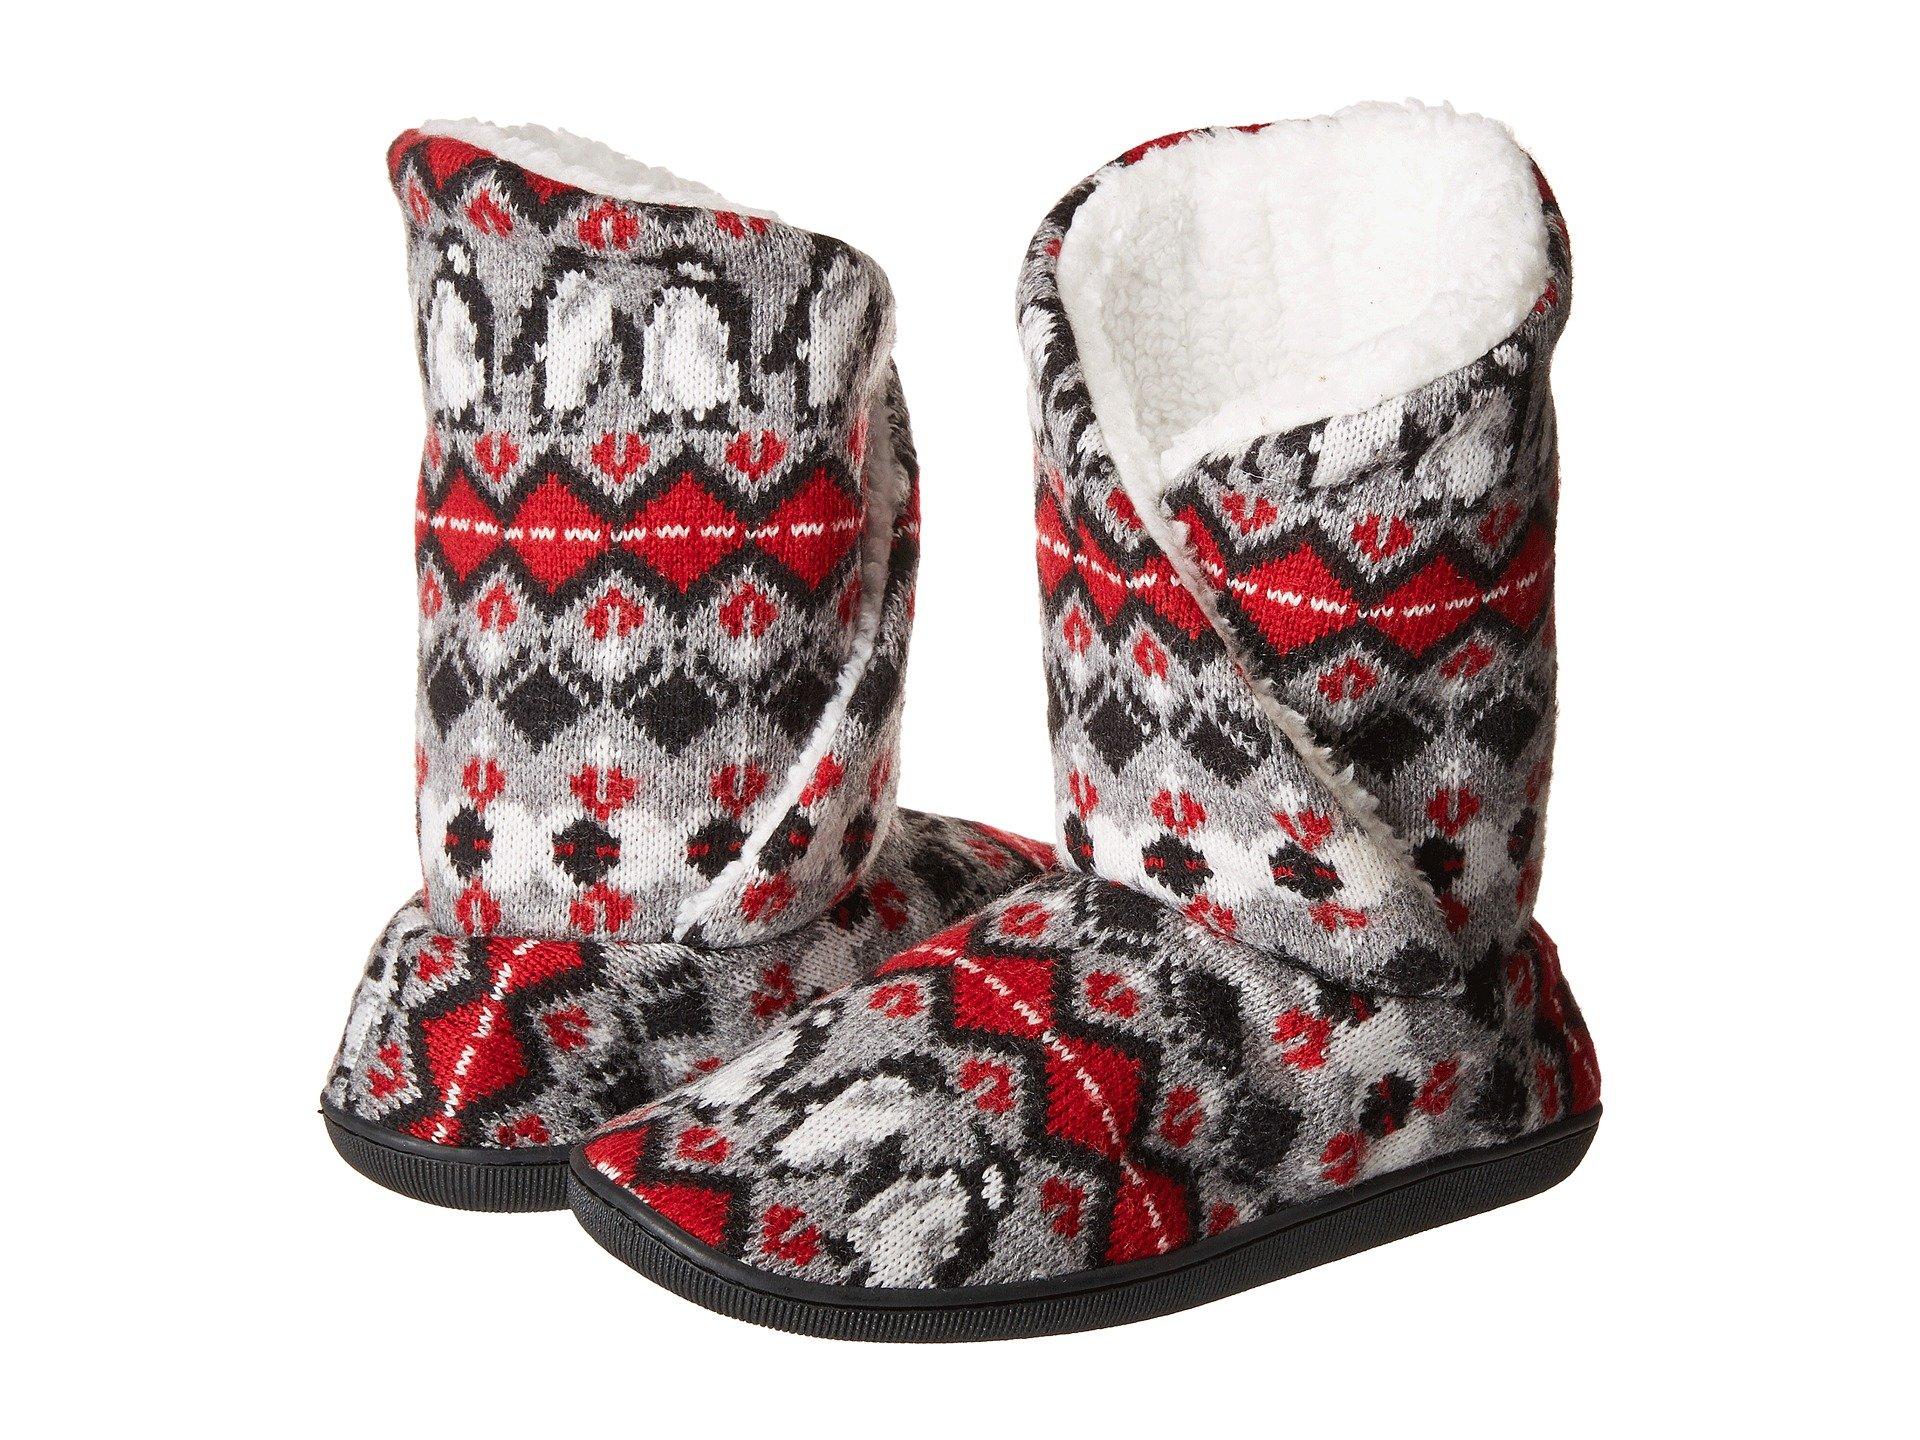 Zapato de Descanso para Mujer Vera Bradley Cozy Booties  + Vera Bradley en VeoyCompro.net